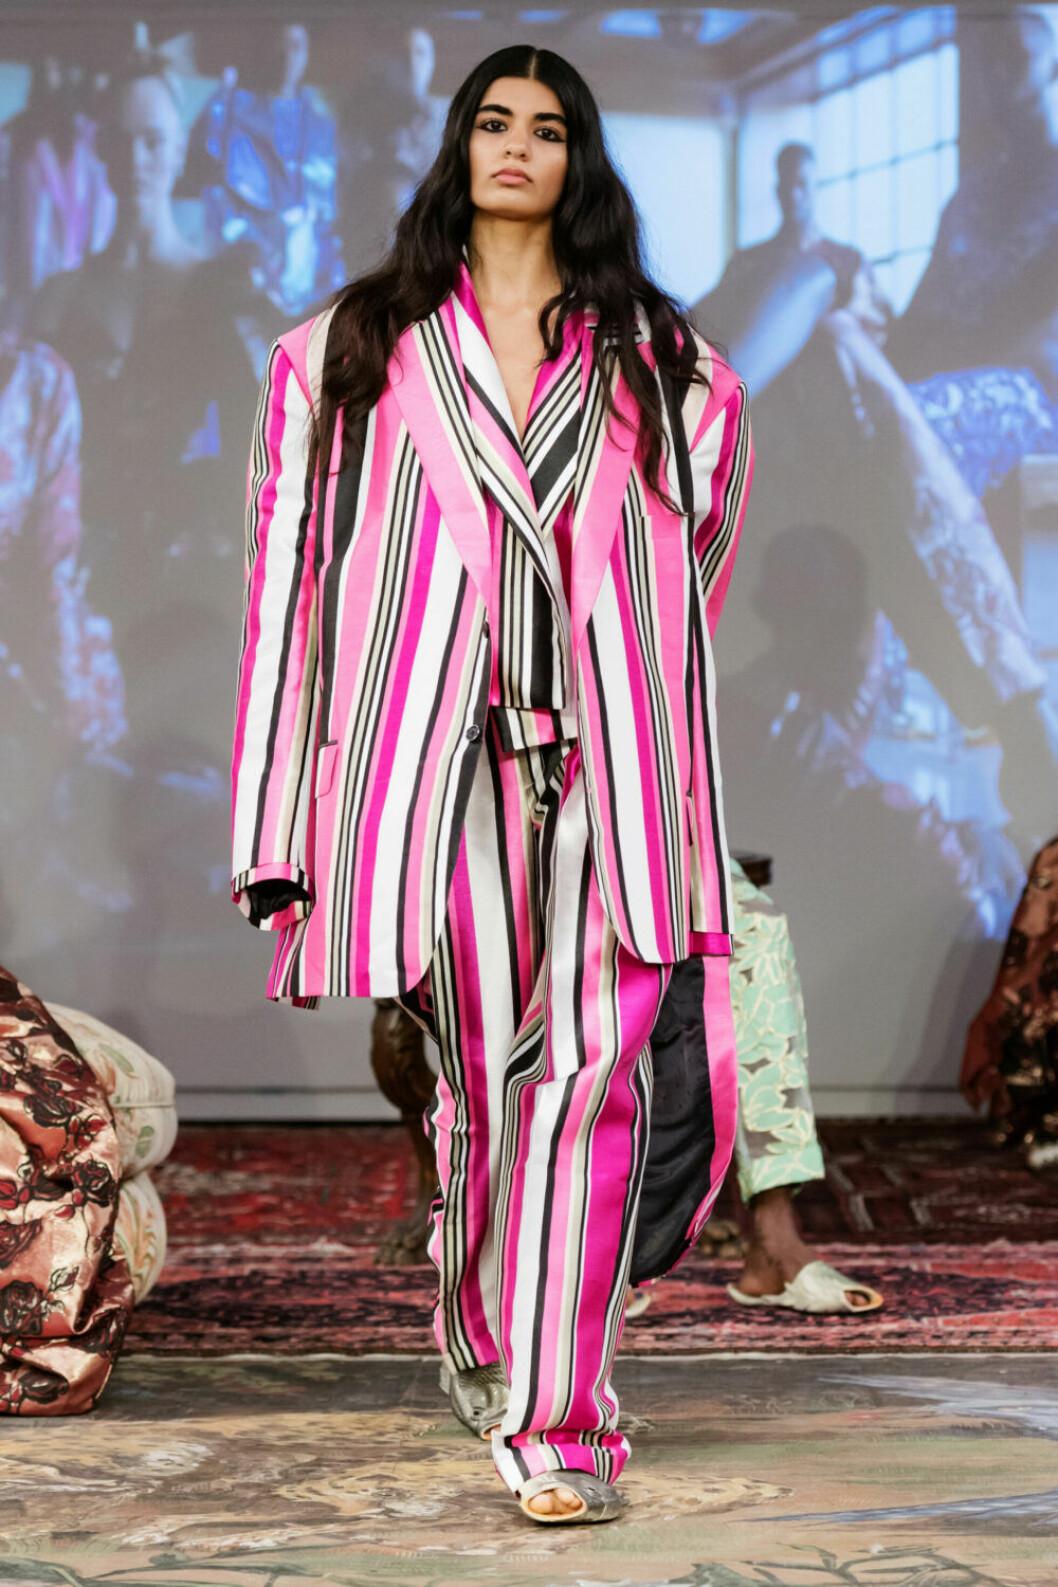 Rosarandigt på Selam Fessahayes AW19–visning på Fashion Week Stockholm